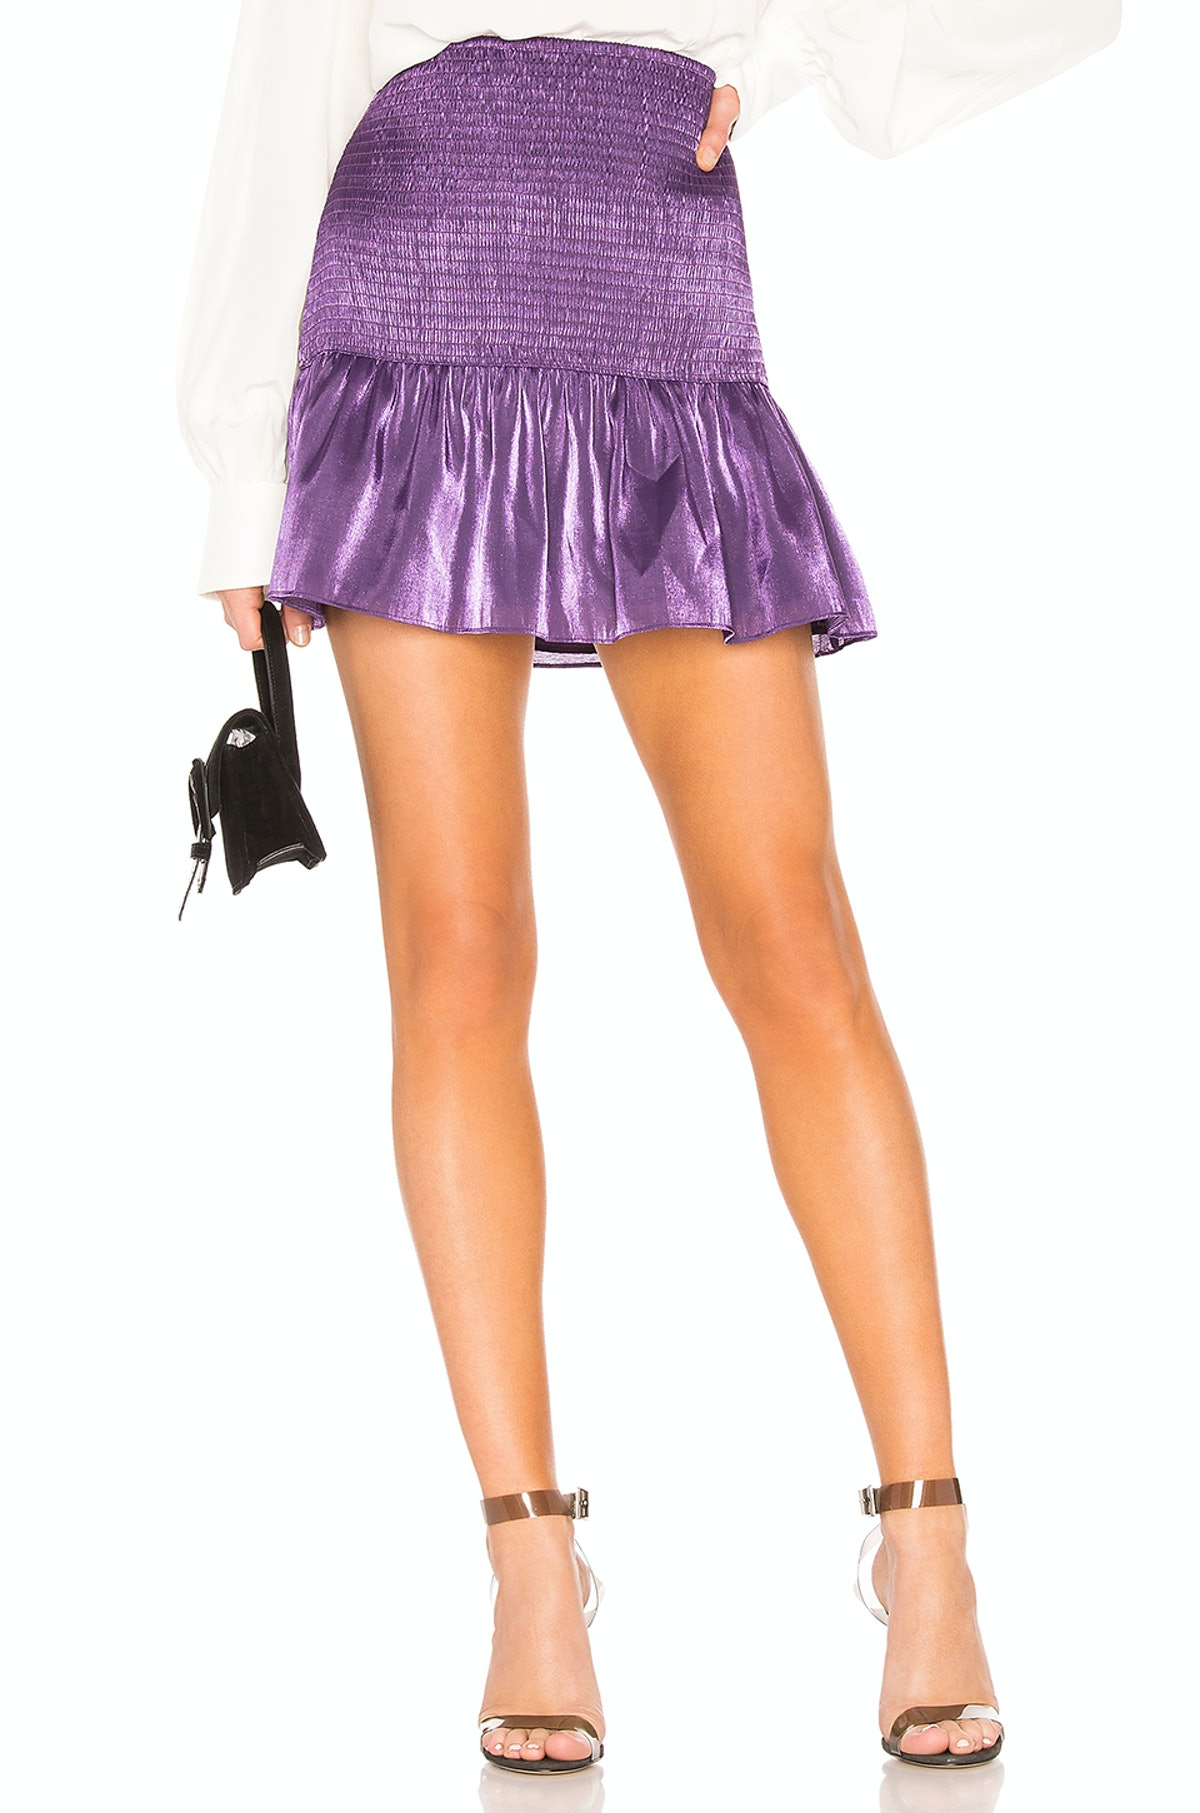 Lovers & Friends Allie Mini Skirt